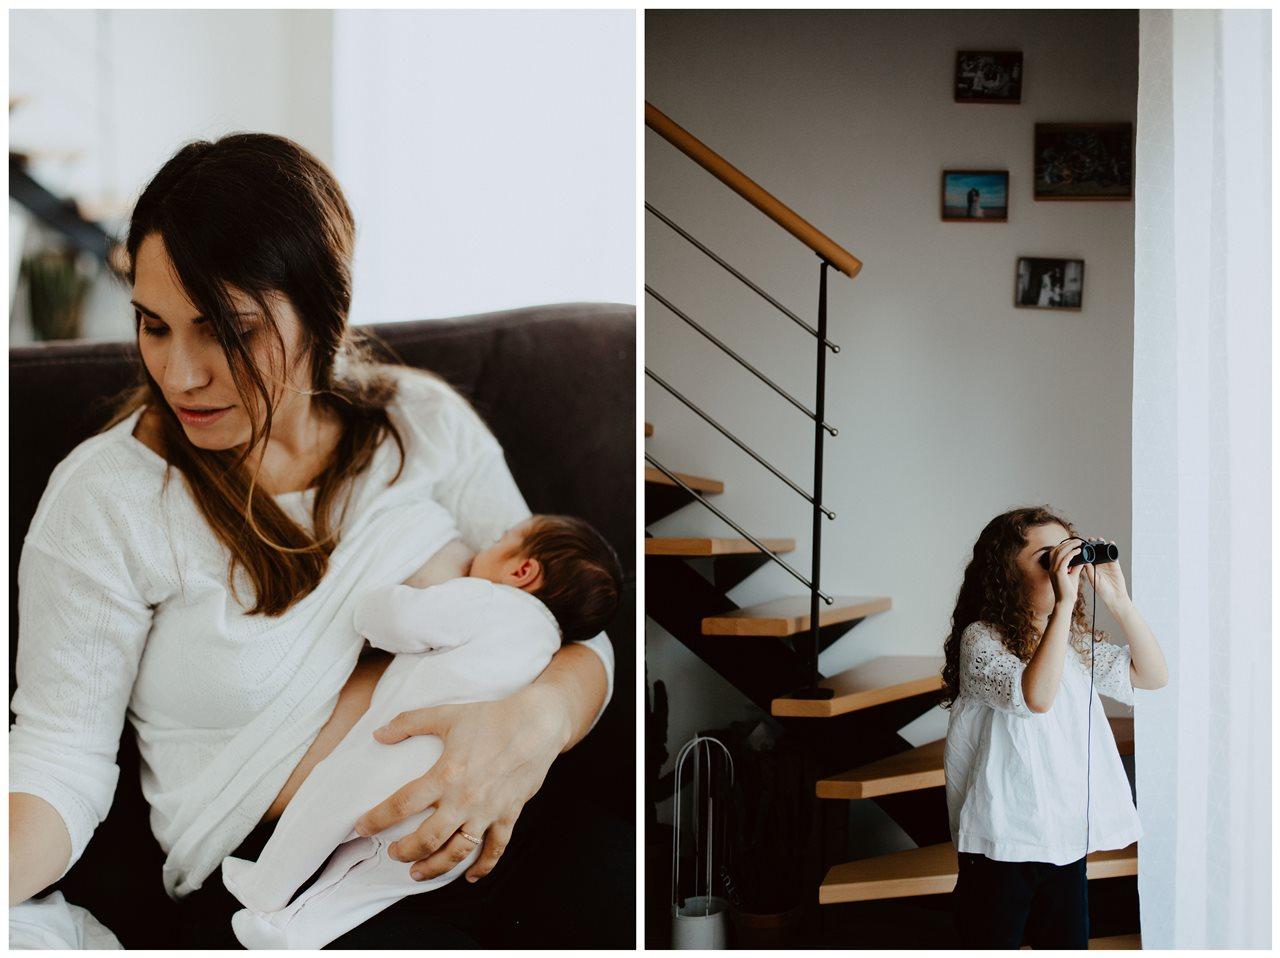 séance famille nouveau-né lifestyle maman allaitement petite fille joue